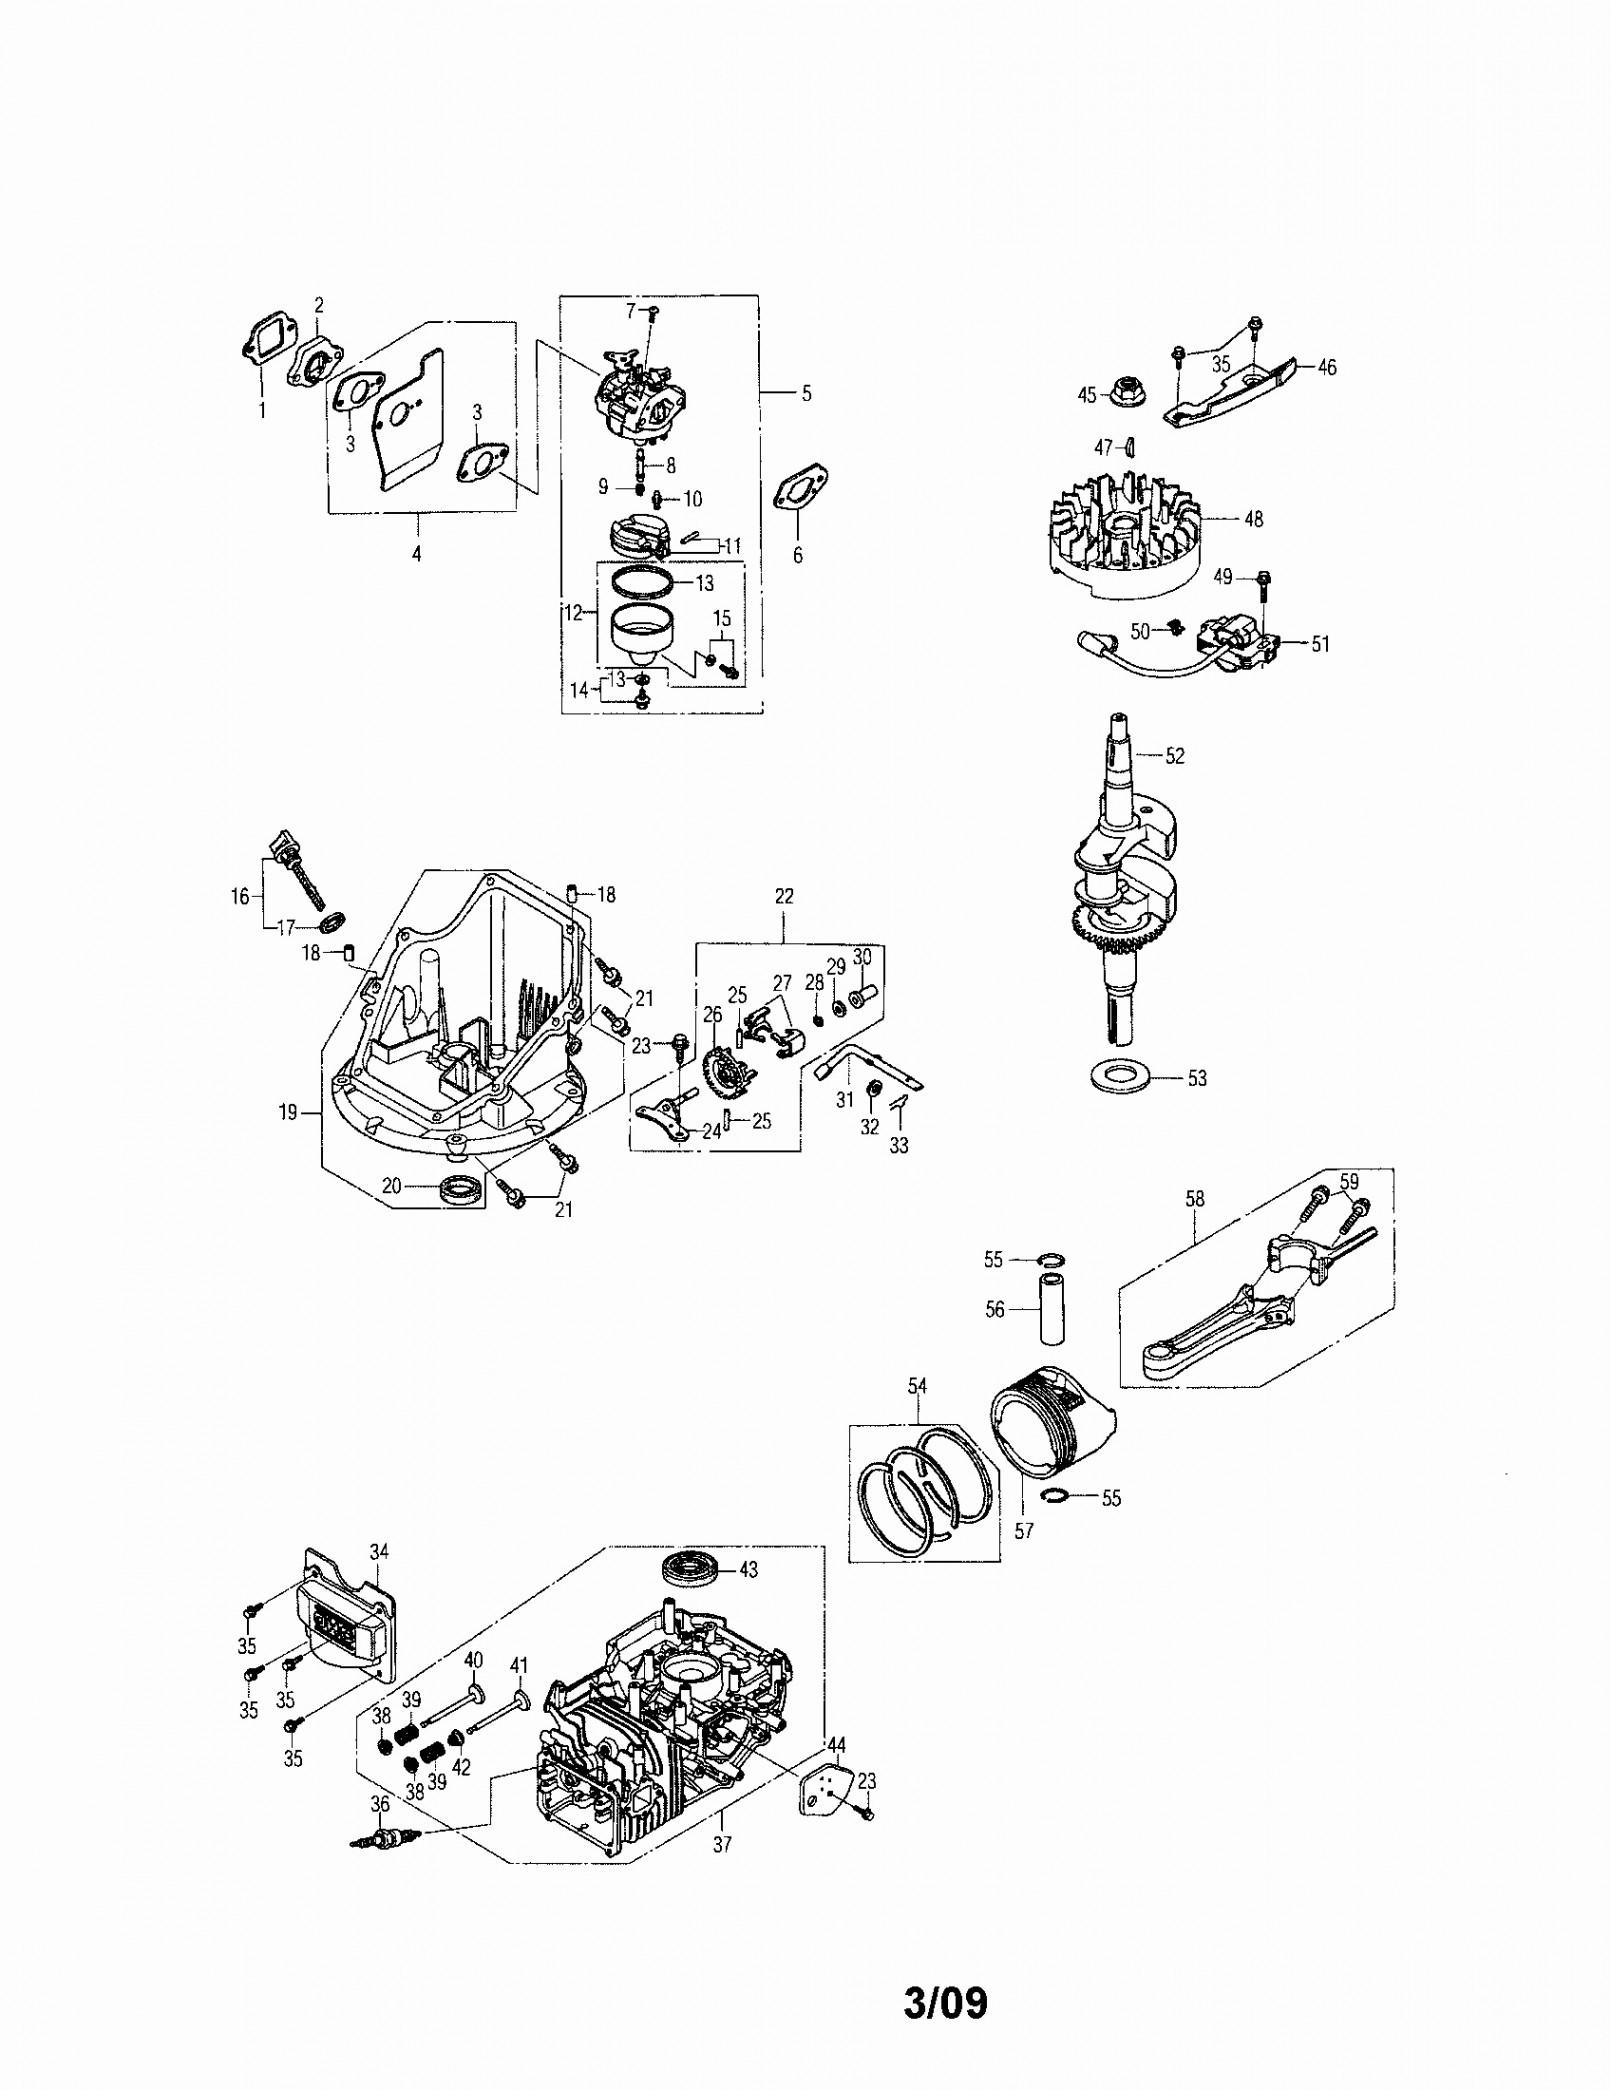 Honda Small Engine Carburetor Diagram Honda Gcv160